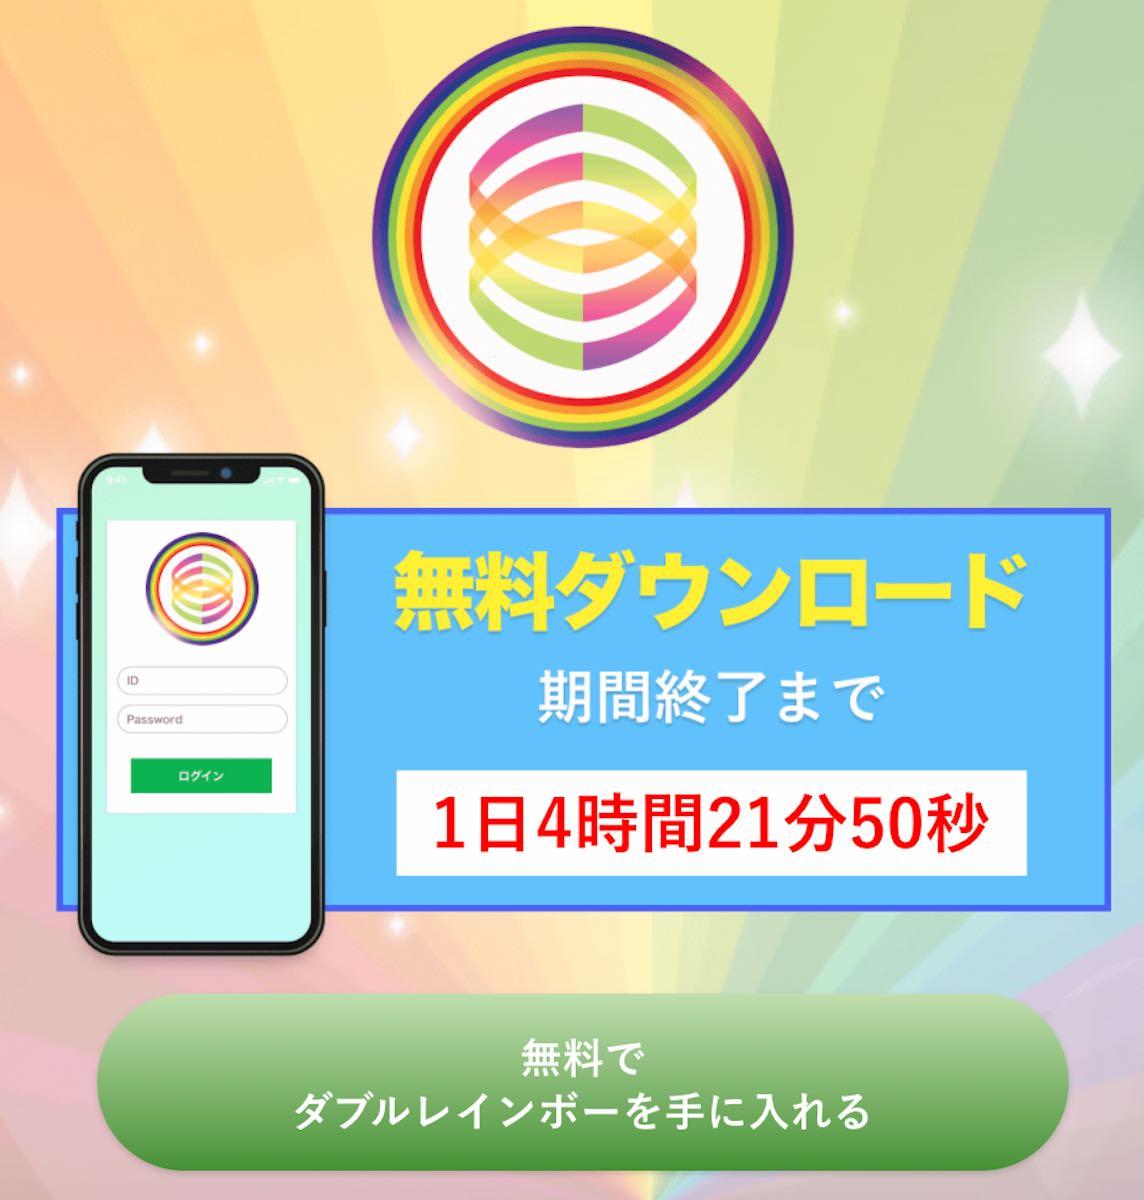 ダブルレインボーの怪しい副業アプリは稼げるのか!毎日2万円稼げる仕組みとは?稼げるのか詐欺なのか口コミ評判を徹底レビュー